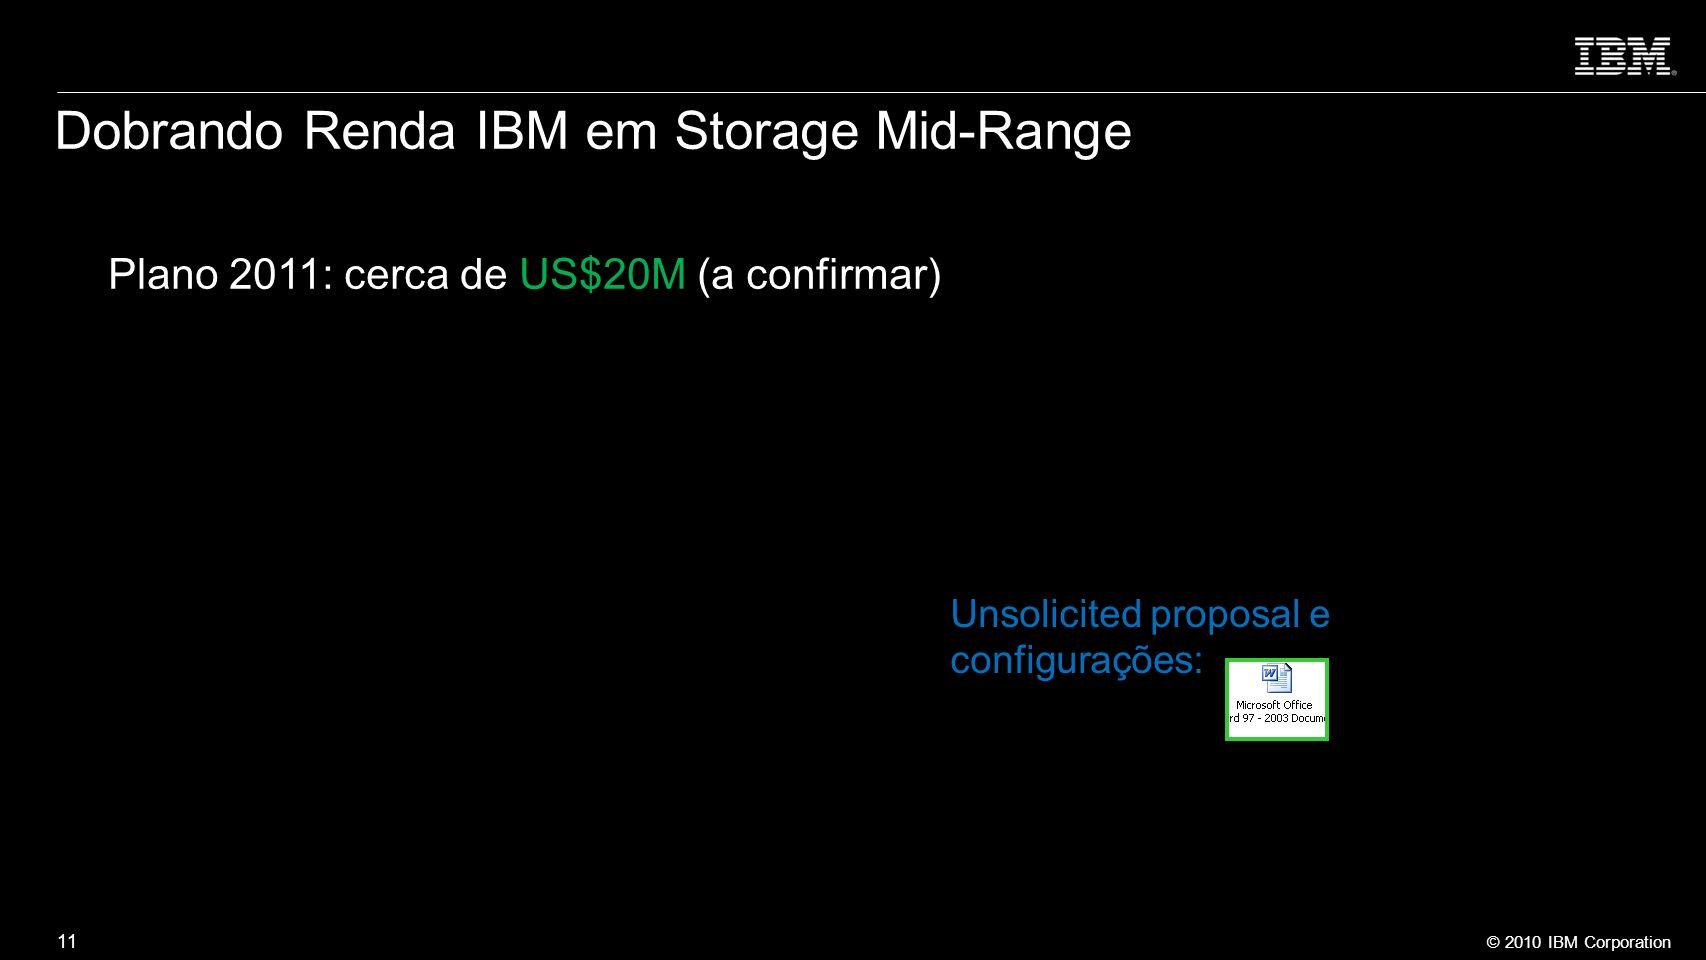 Dobrando Renda IBM em Storage Mid-Range